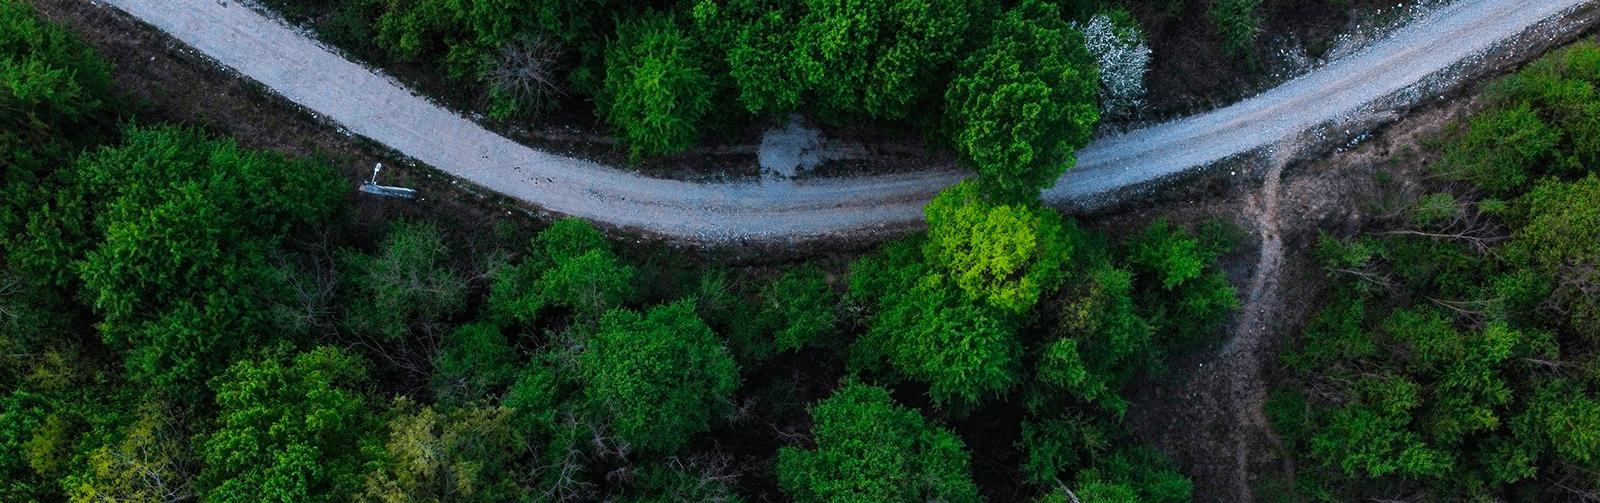 Descubre el bosque idoneo